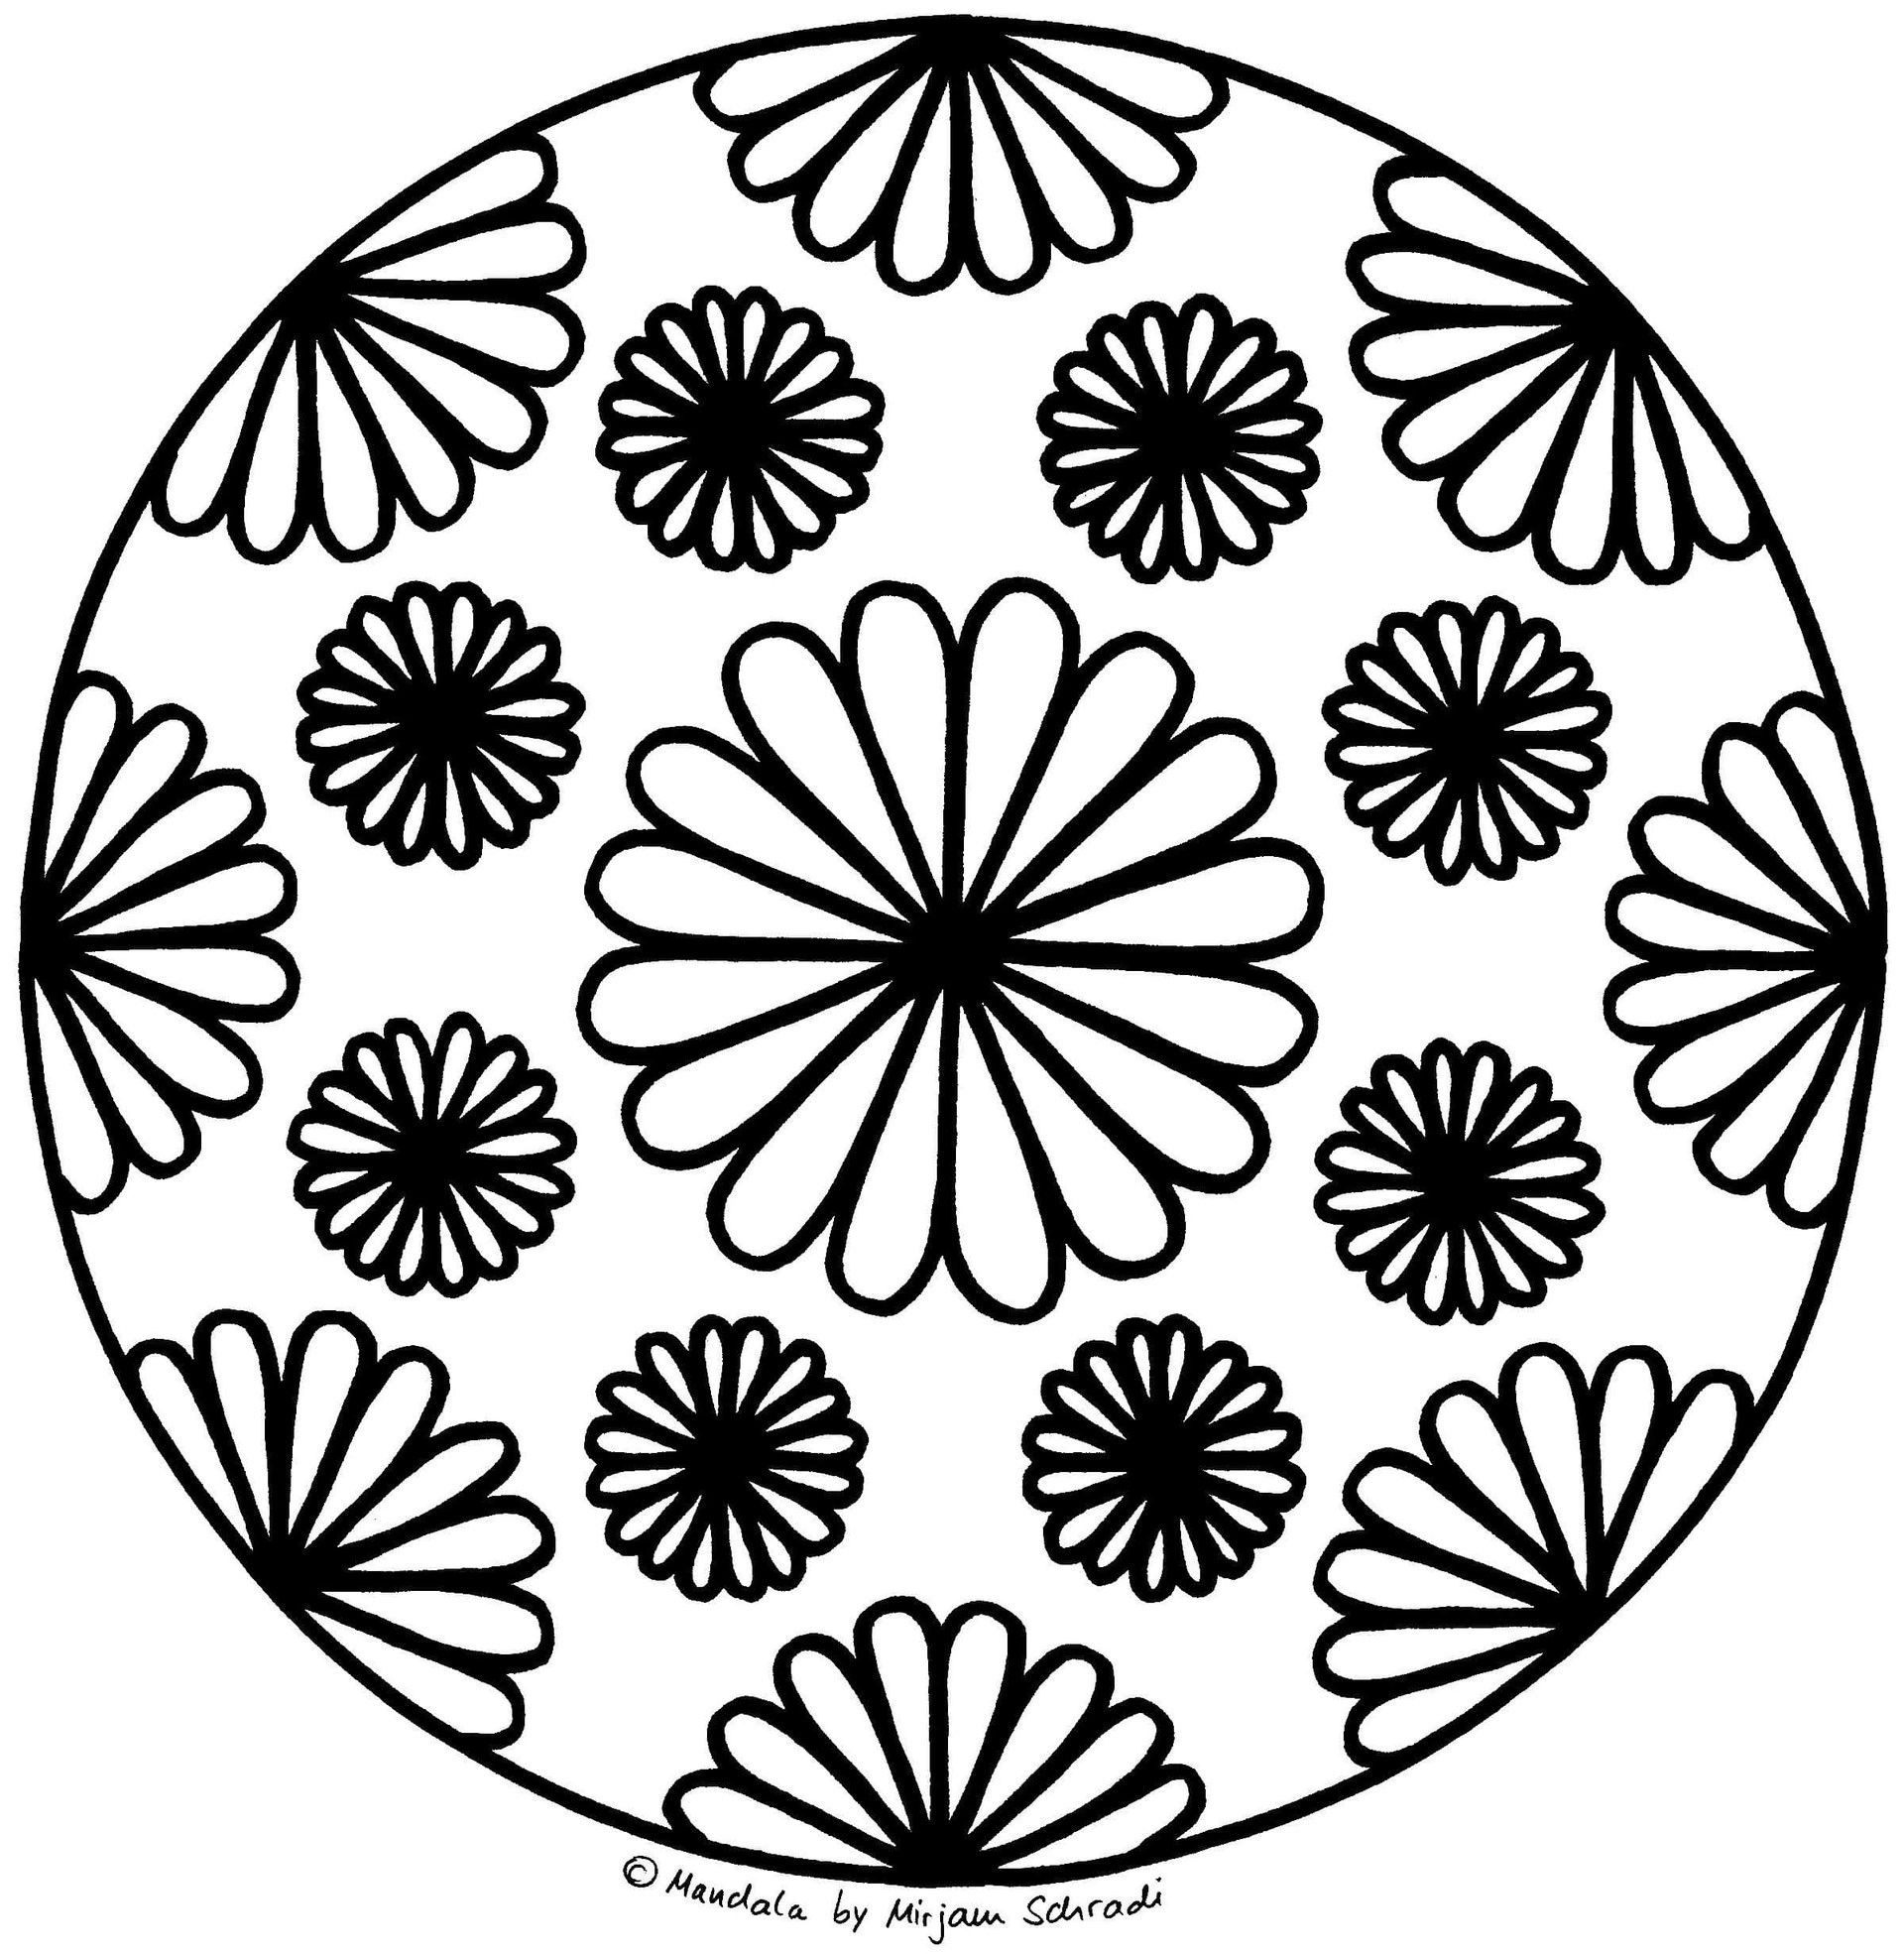 Neu Blumen Ausmalen Farbung Malvorlagen Malvorlagenfurkinder Blumen Ausmalen Malvorlagen Blumen Malvorlagen